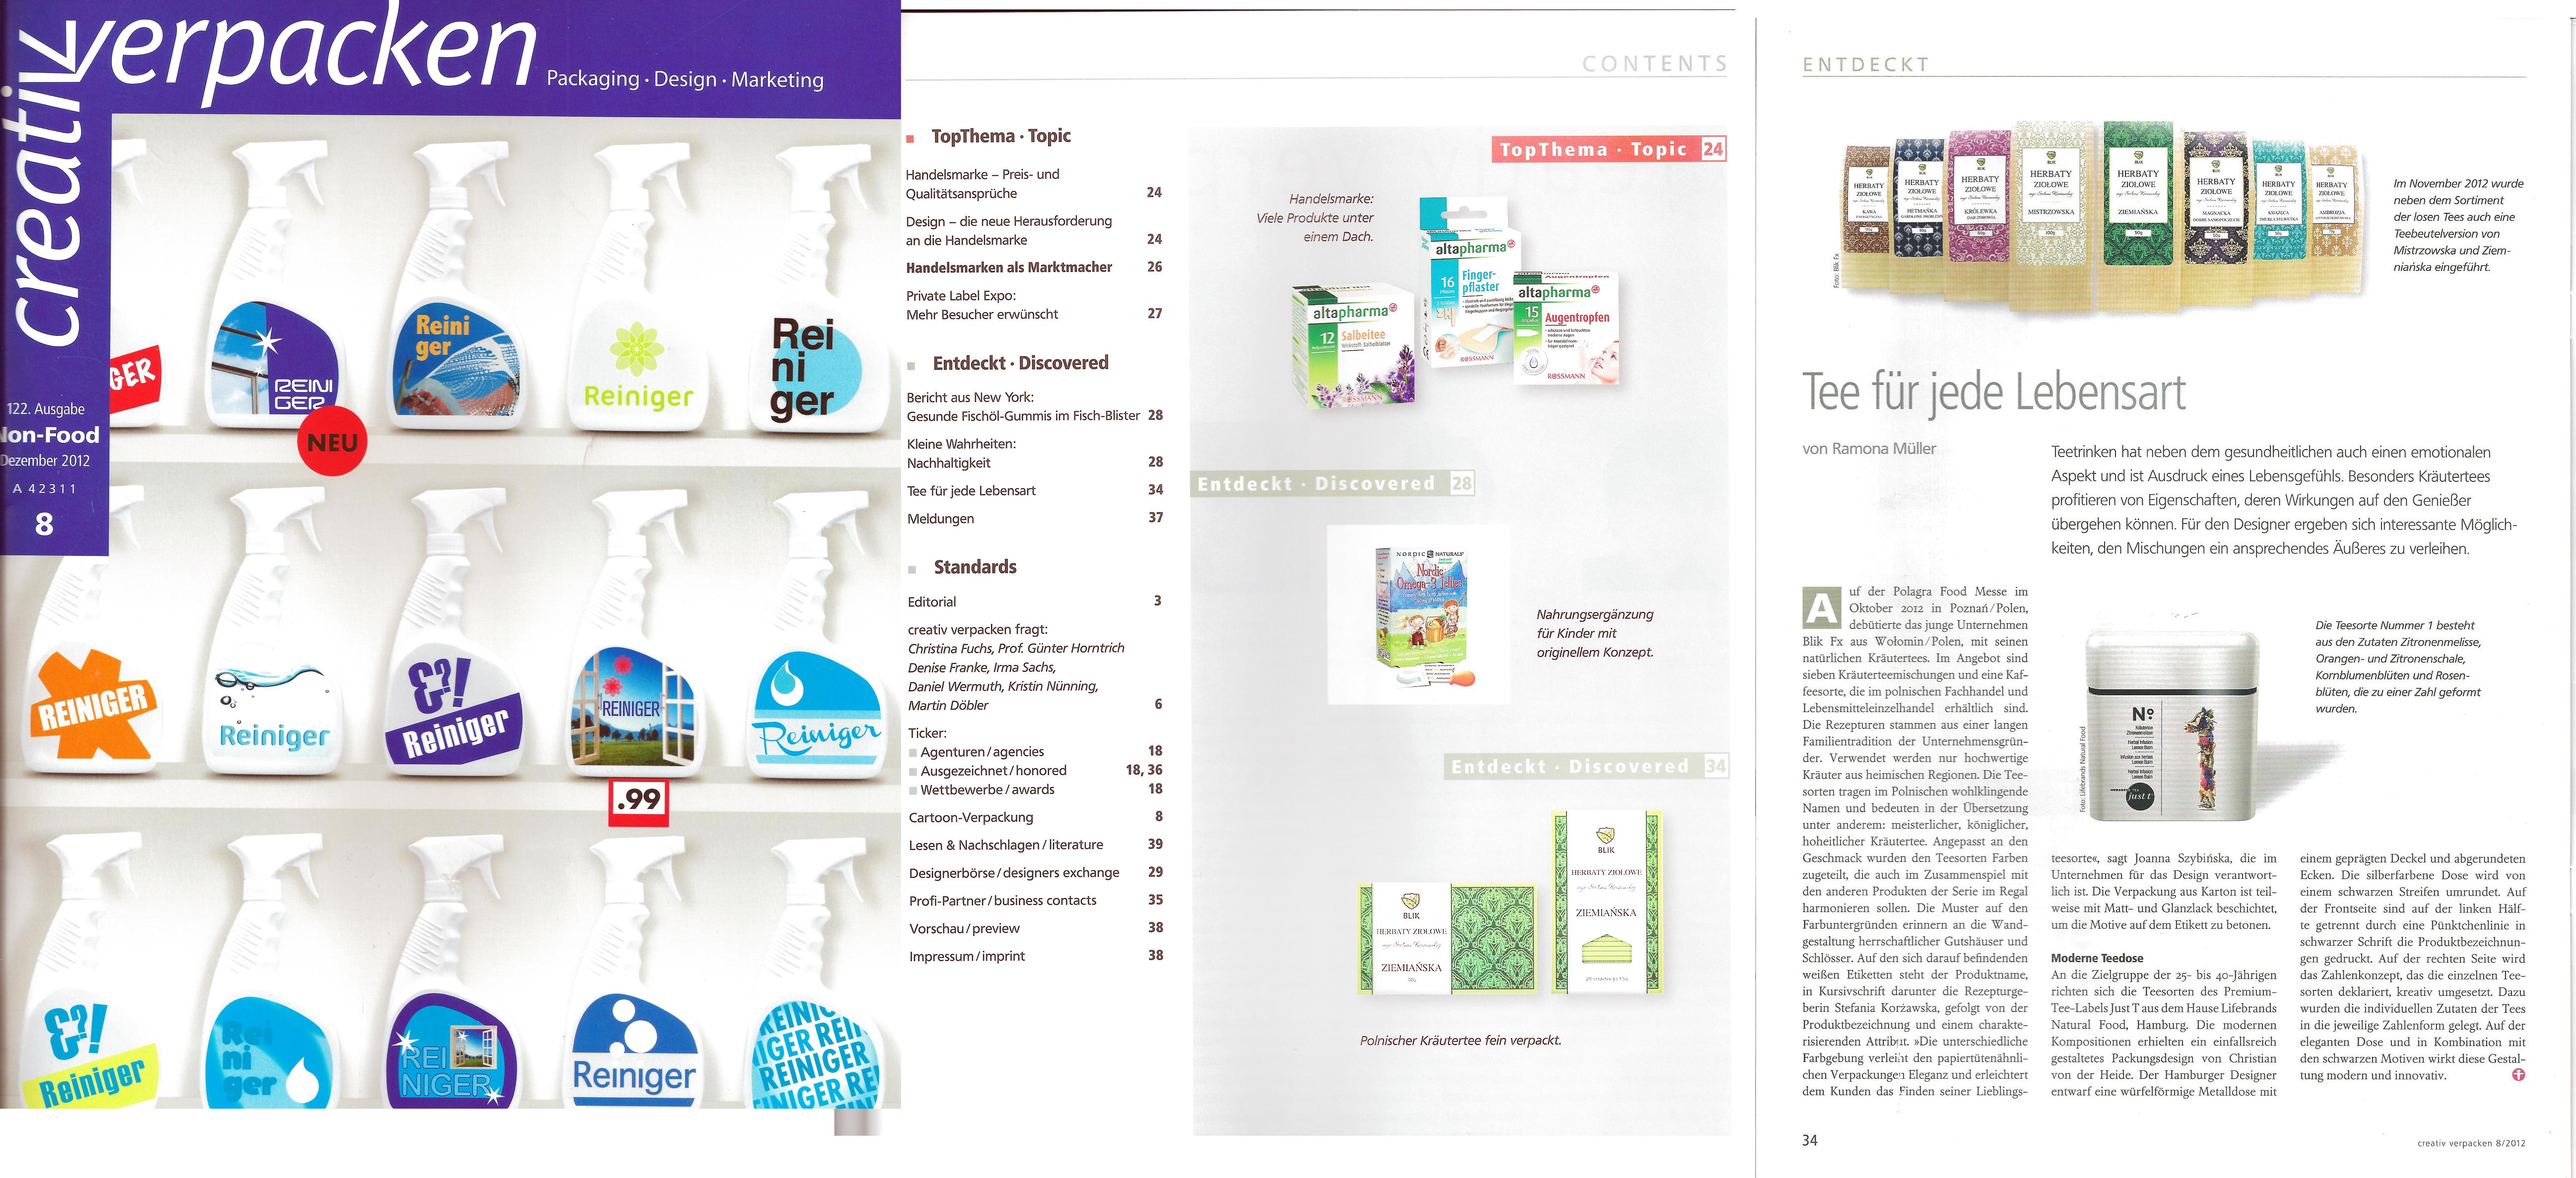 zdjęcie artykułu z niemieckiego magazynu dla dizajnerów